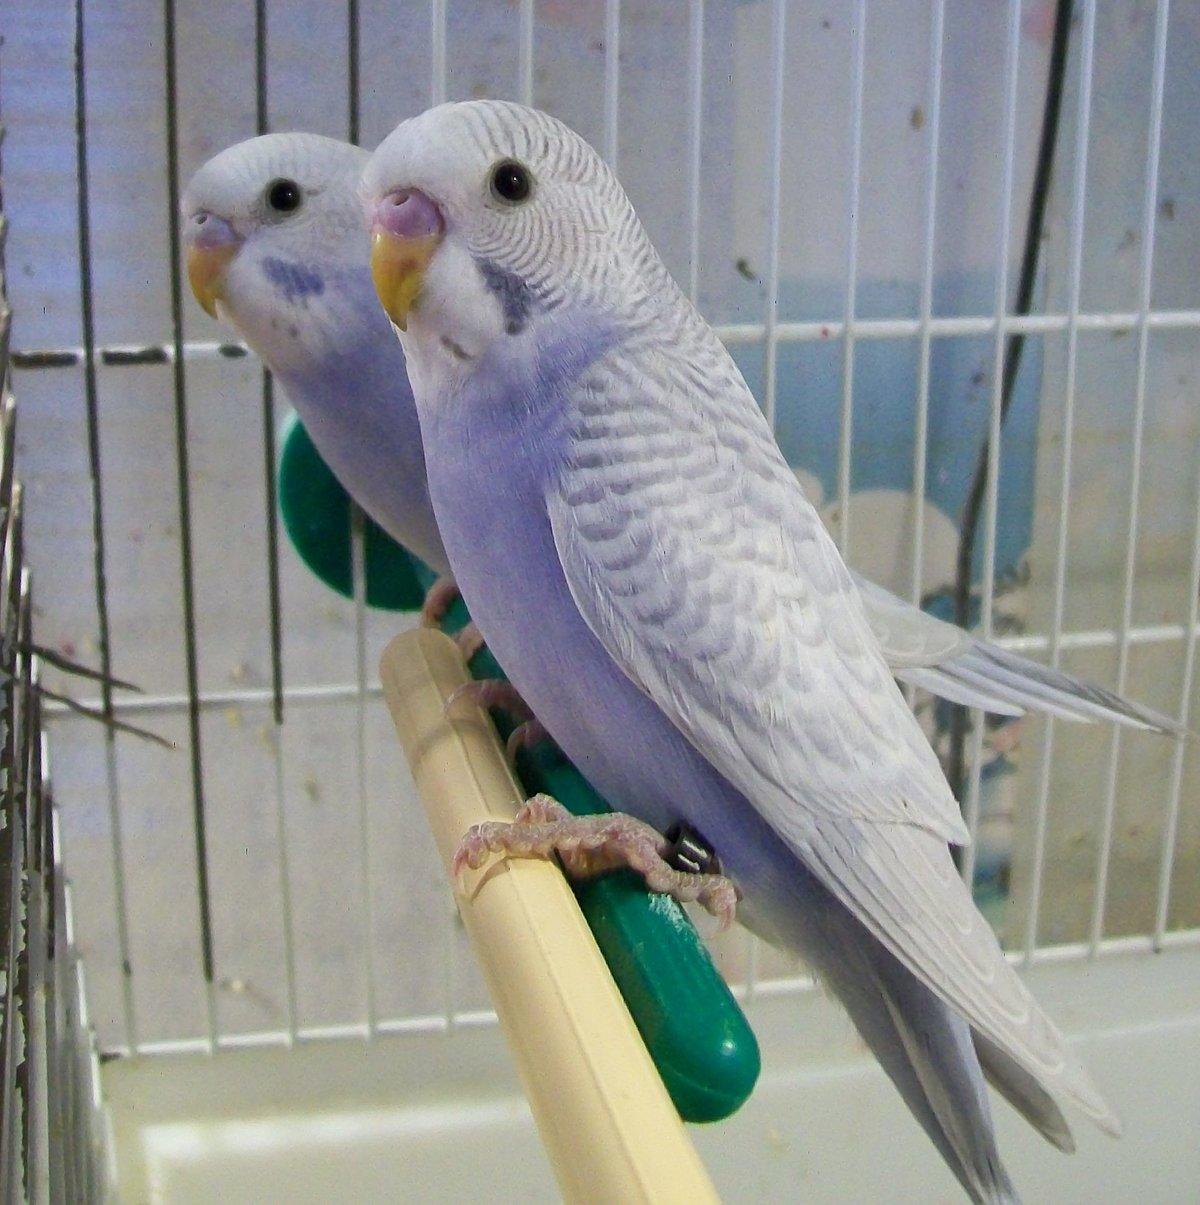 основной колодец расцветки волнистых попугайчиков фото размер таким